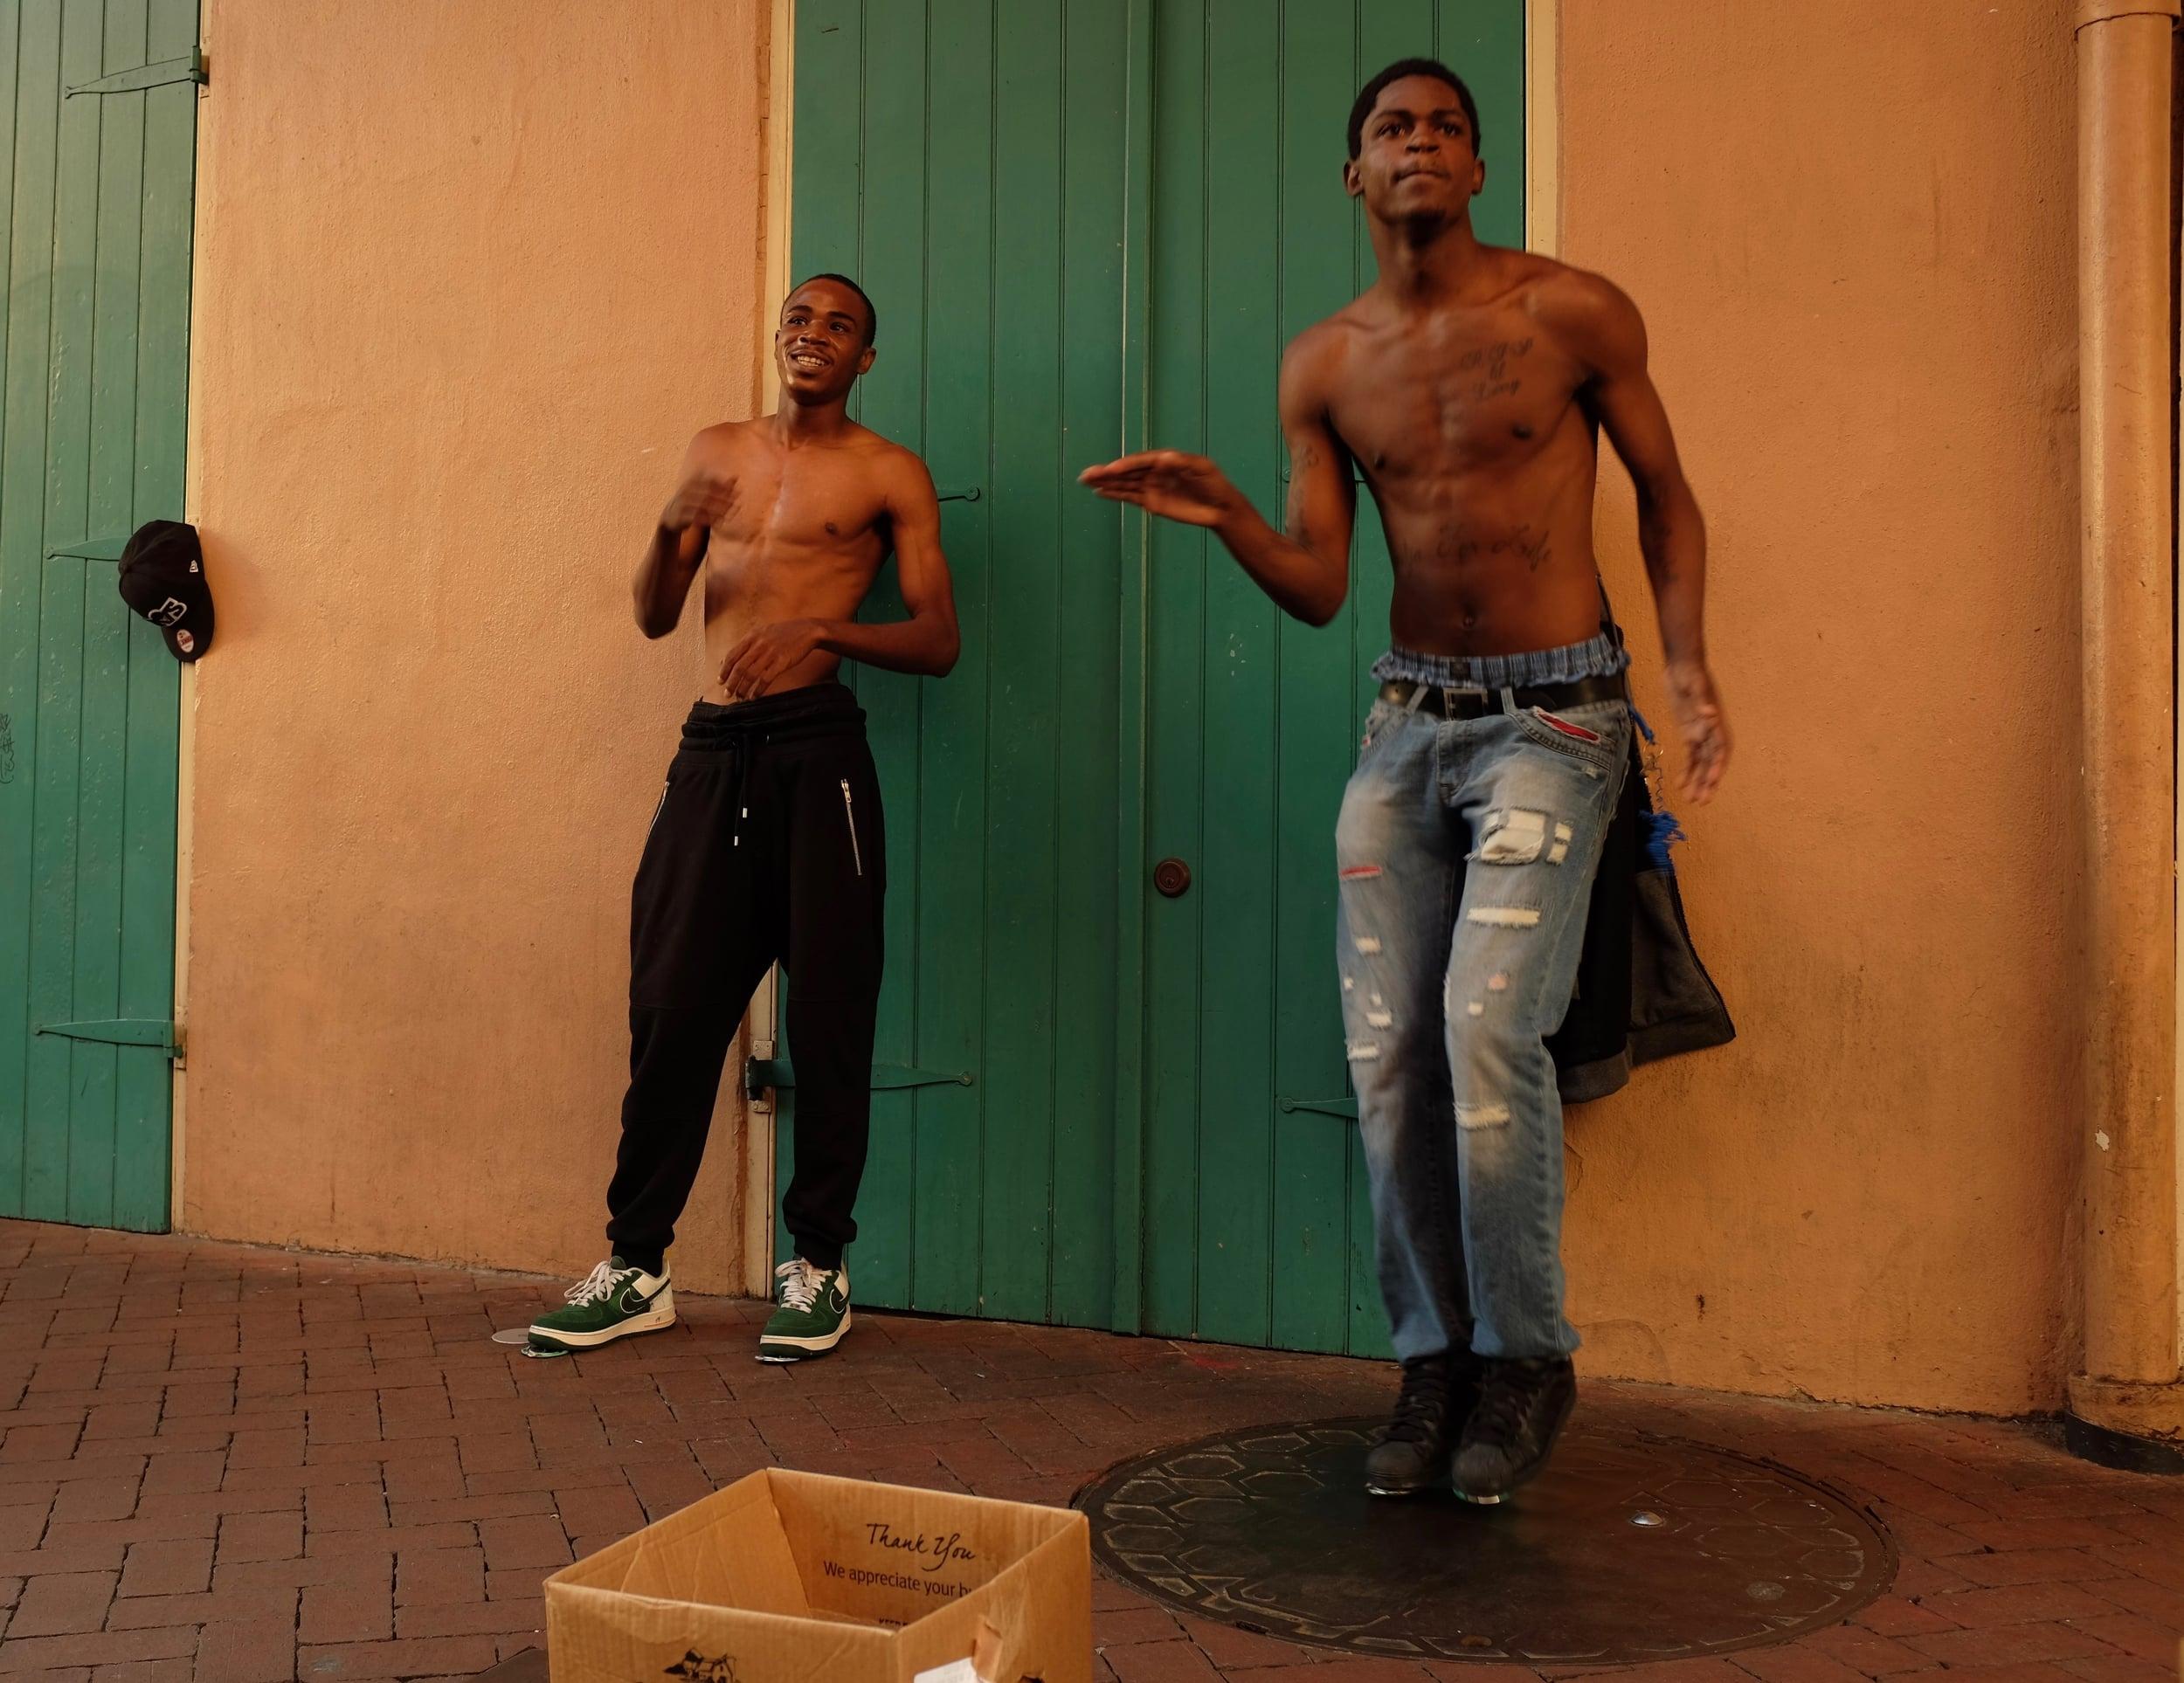 Street performers, Bourbon Street, French Quarter. November 13, 2015.